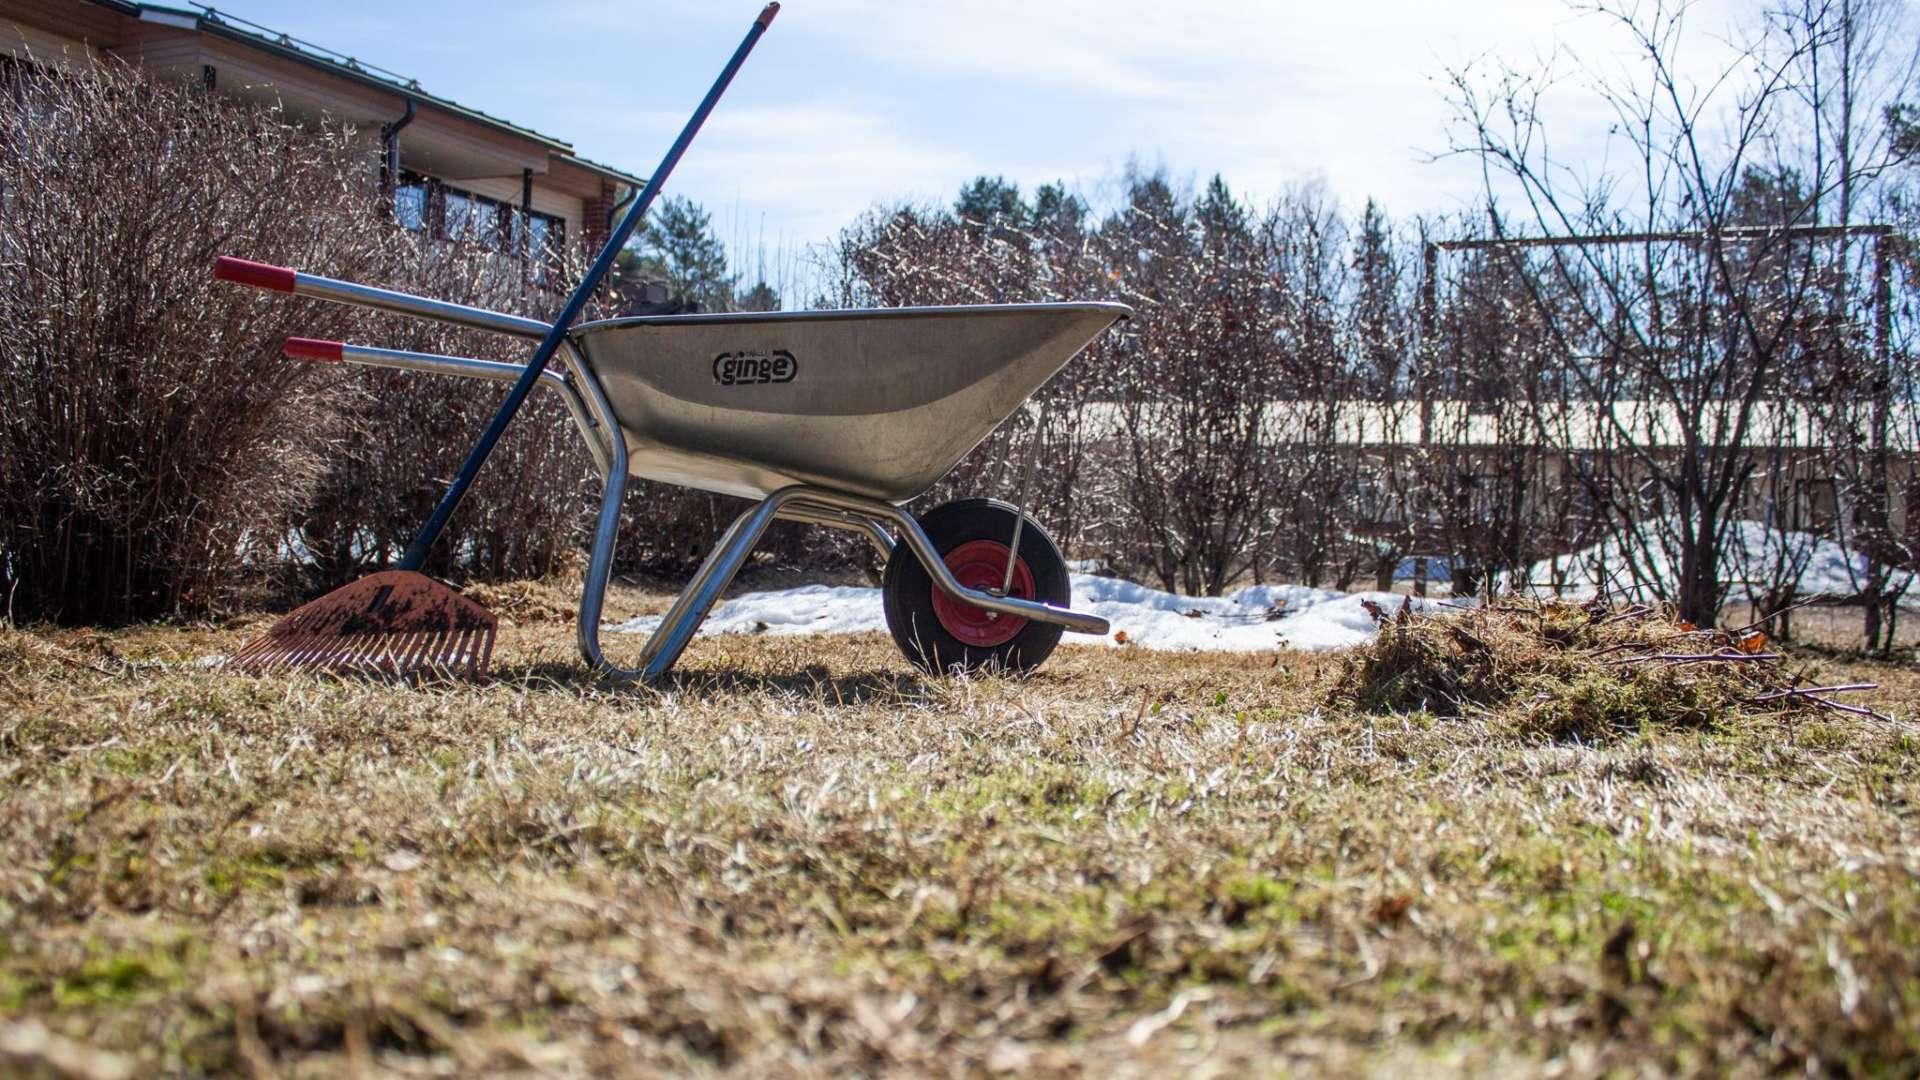 Harava ja tyhjät kottikärryt nurmikolla keväällä. Taustalla maassa on vähän lunta ja näkyy lehdettömiä pensaita ja kaksi rakennusta.